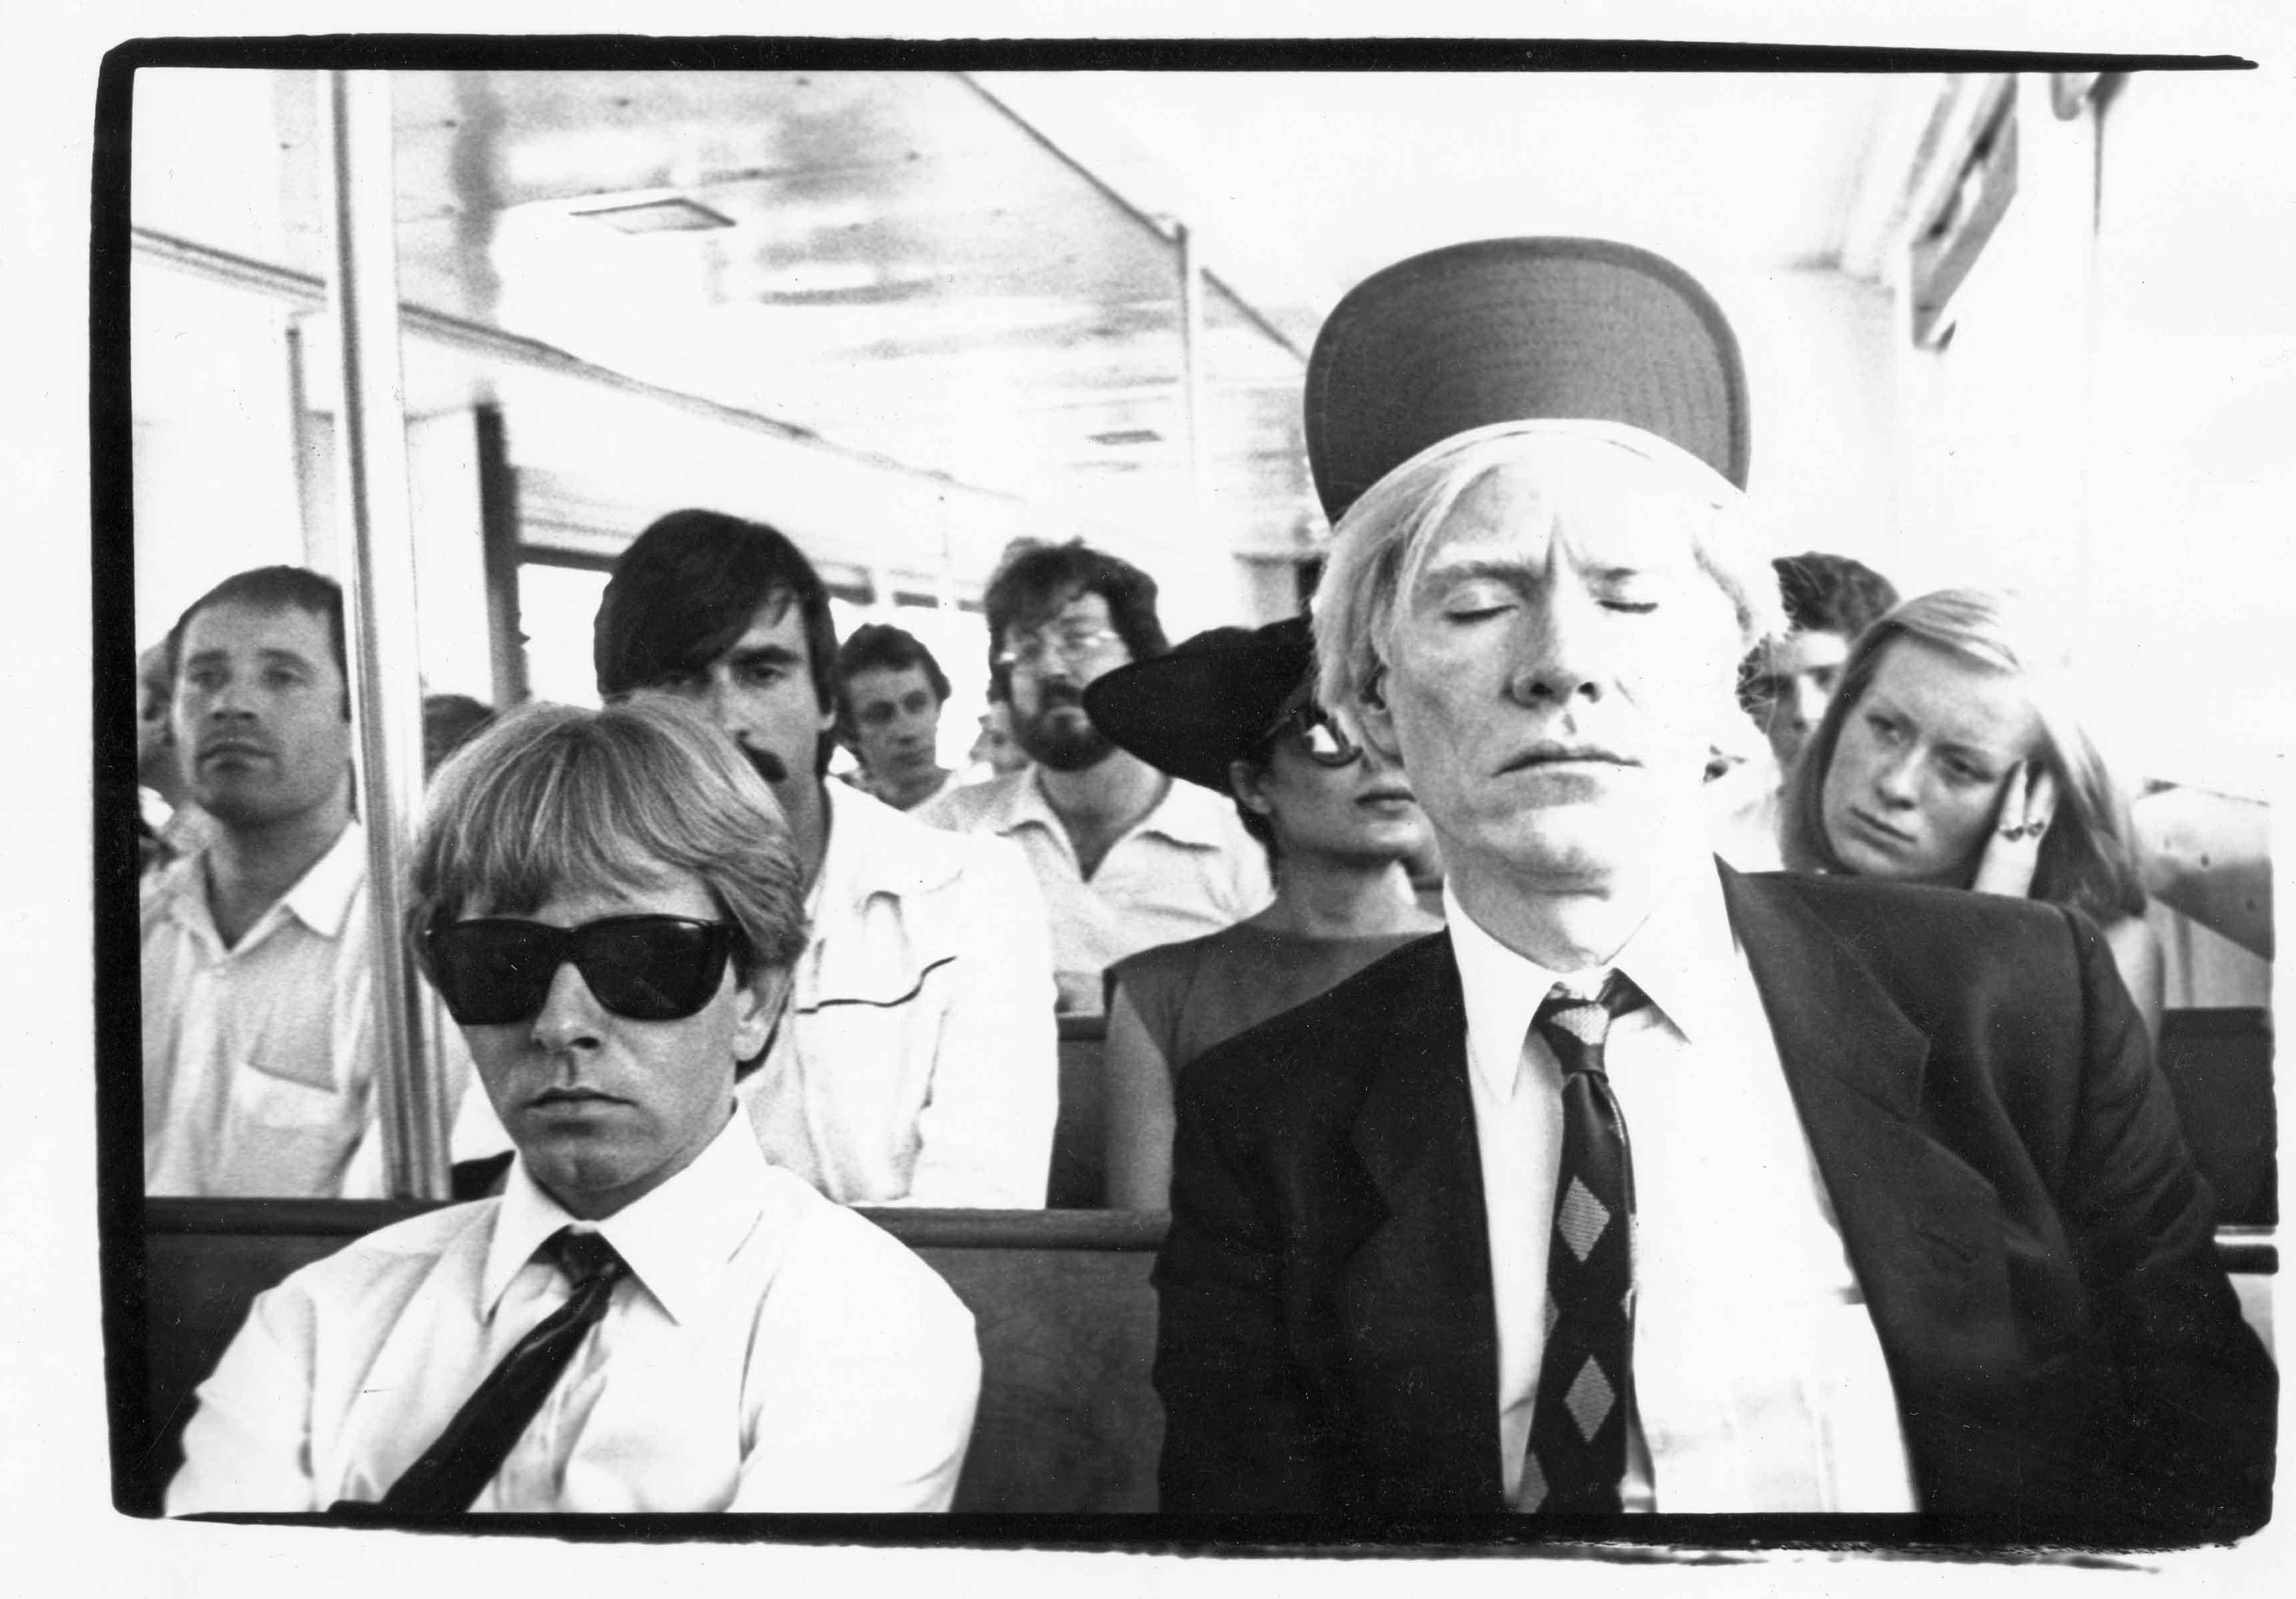 Andy et Rupert Smith, son imprimeur de sérigraphies, sur un ferry à destination de Fire Island (été 1979). © Bob Colacello